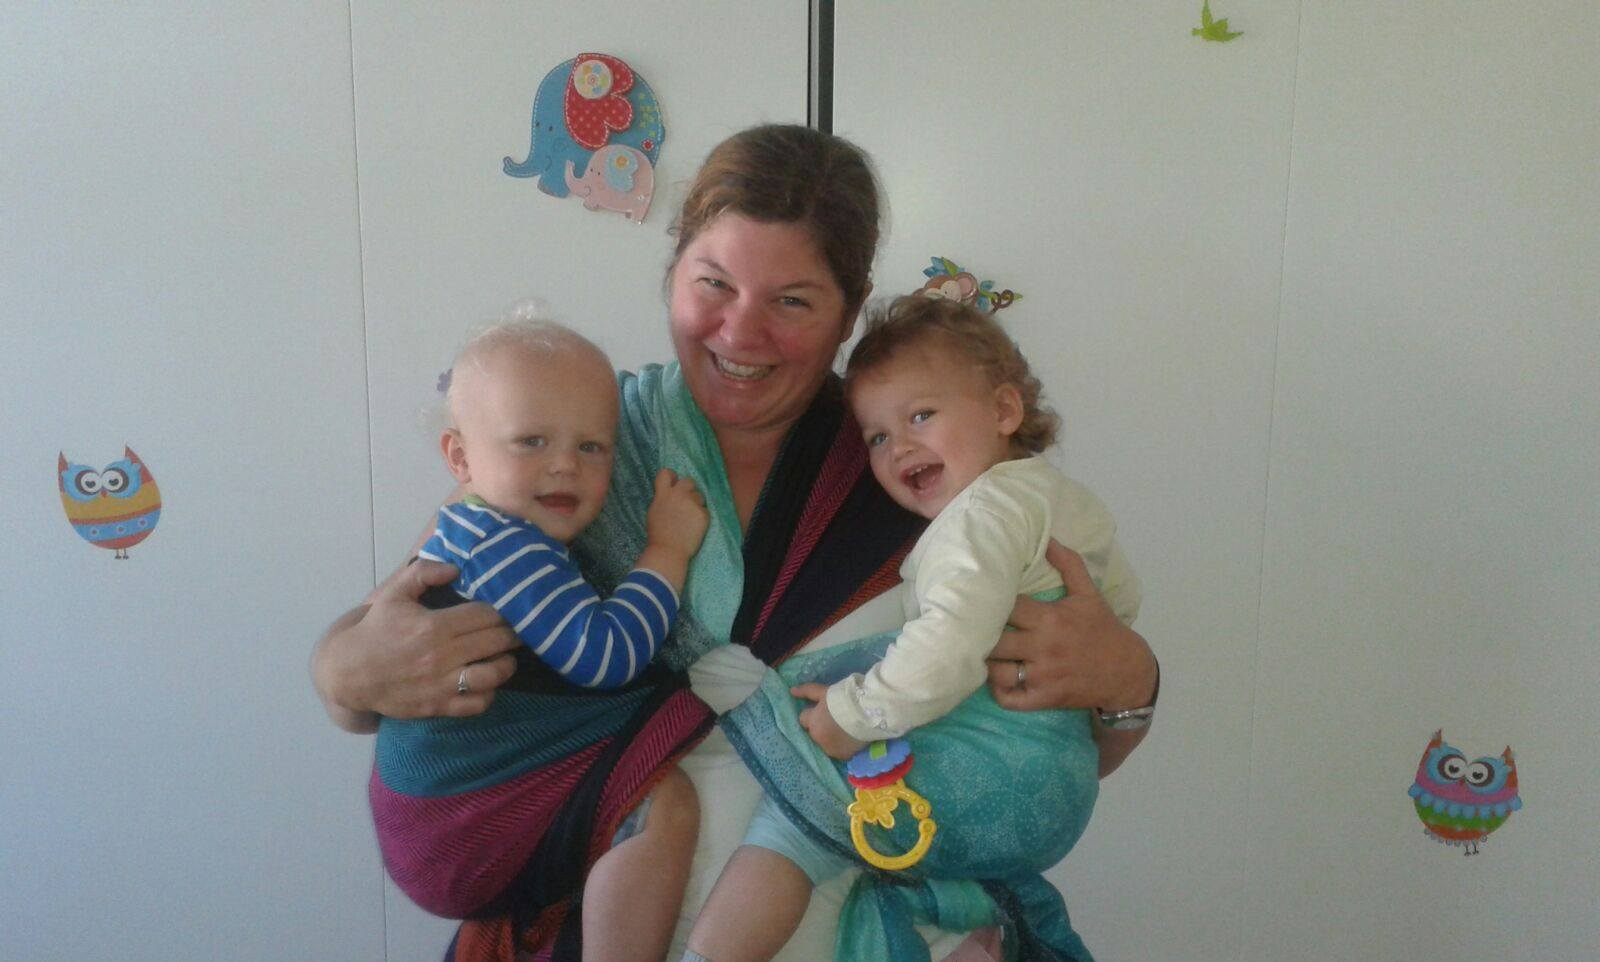 Zwillingsratgeber maria-kuschelsack-trageberatung Zwillinge tragen - welches Tragetuch für Zwillinge?